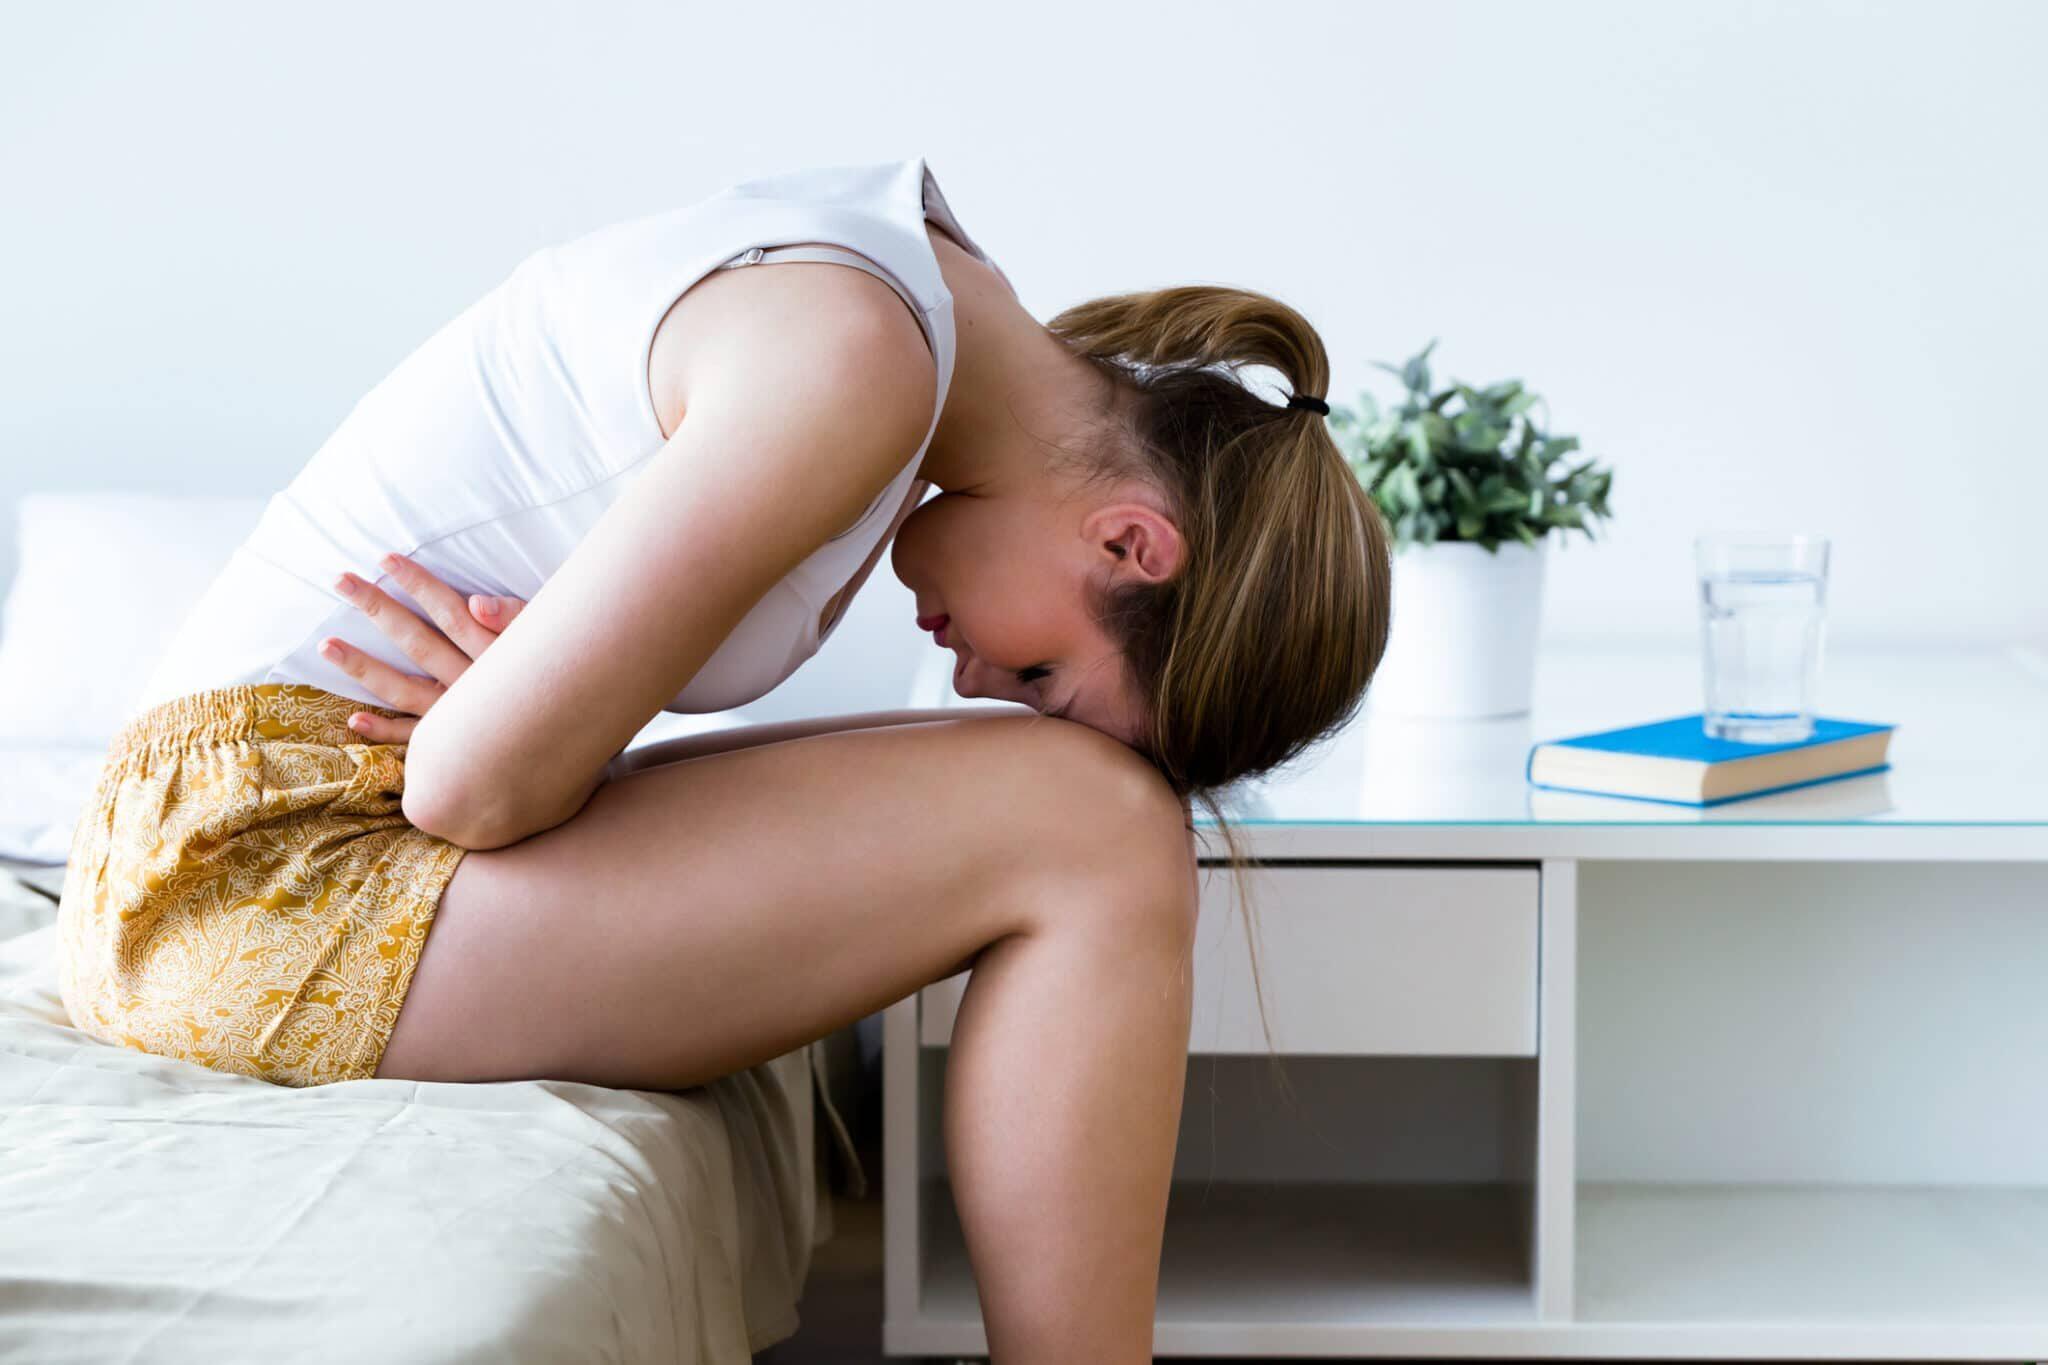 voedselallergie veroorzaakt ongemakken